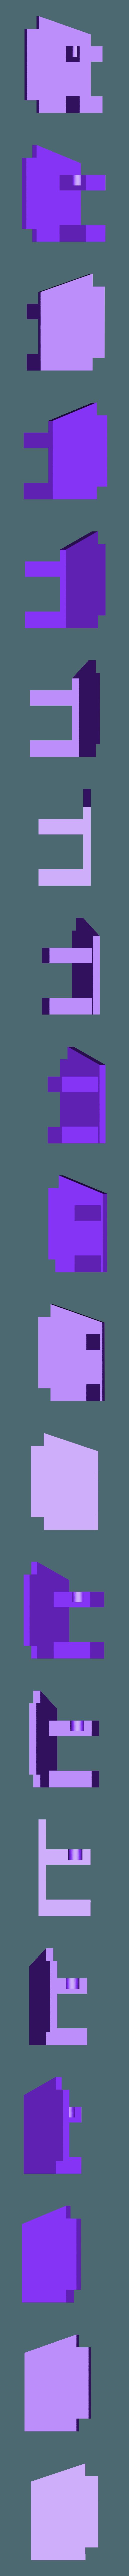 hinge_frame.stl Télécharger fichier STL gratuit Mécanique de la bouche et du sourcil, adaptable à la mécanique de l'œil • Modèle pour impression 3D, kakiemon